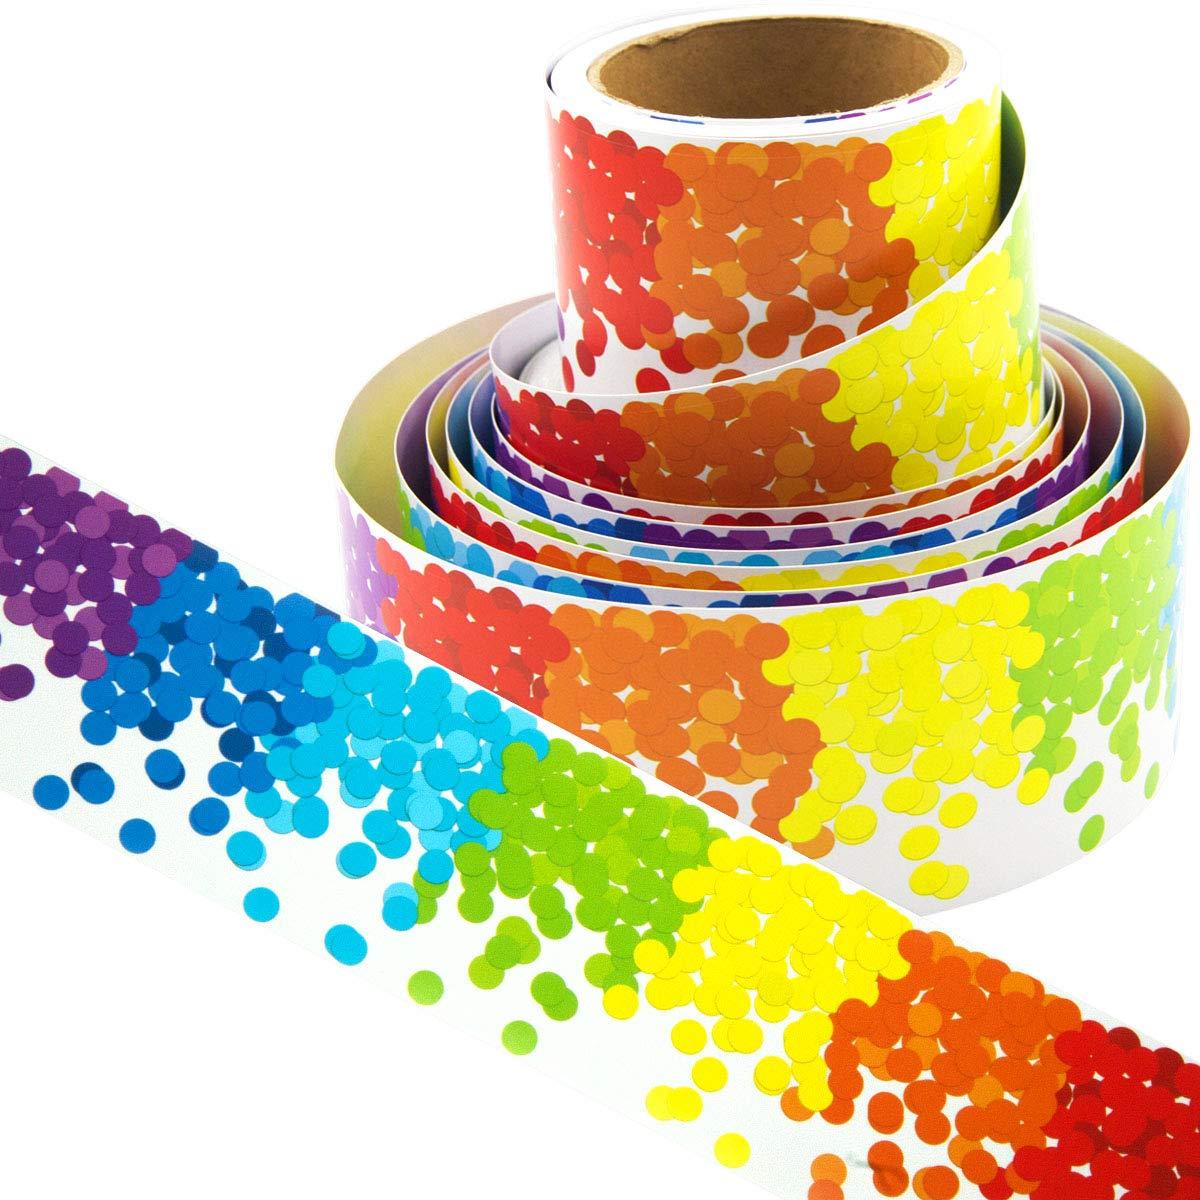 Colorful Confetti Bulletin Board Borders for Classroom 36ft